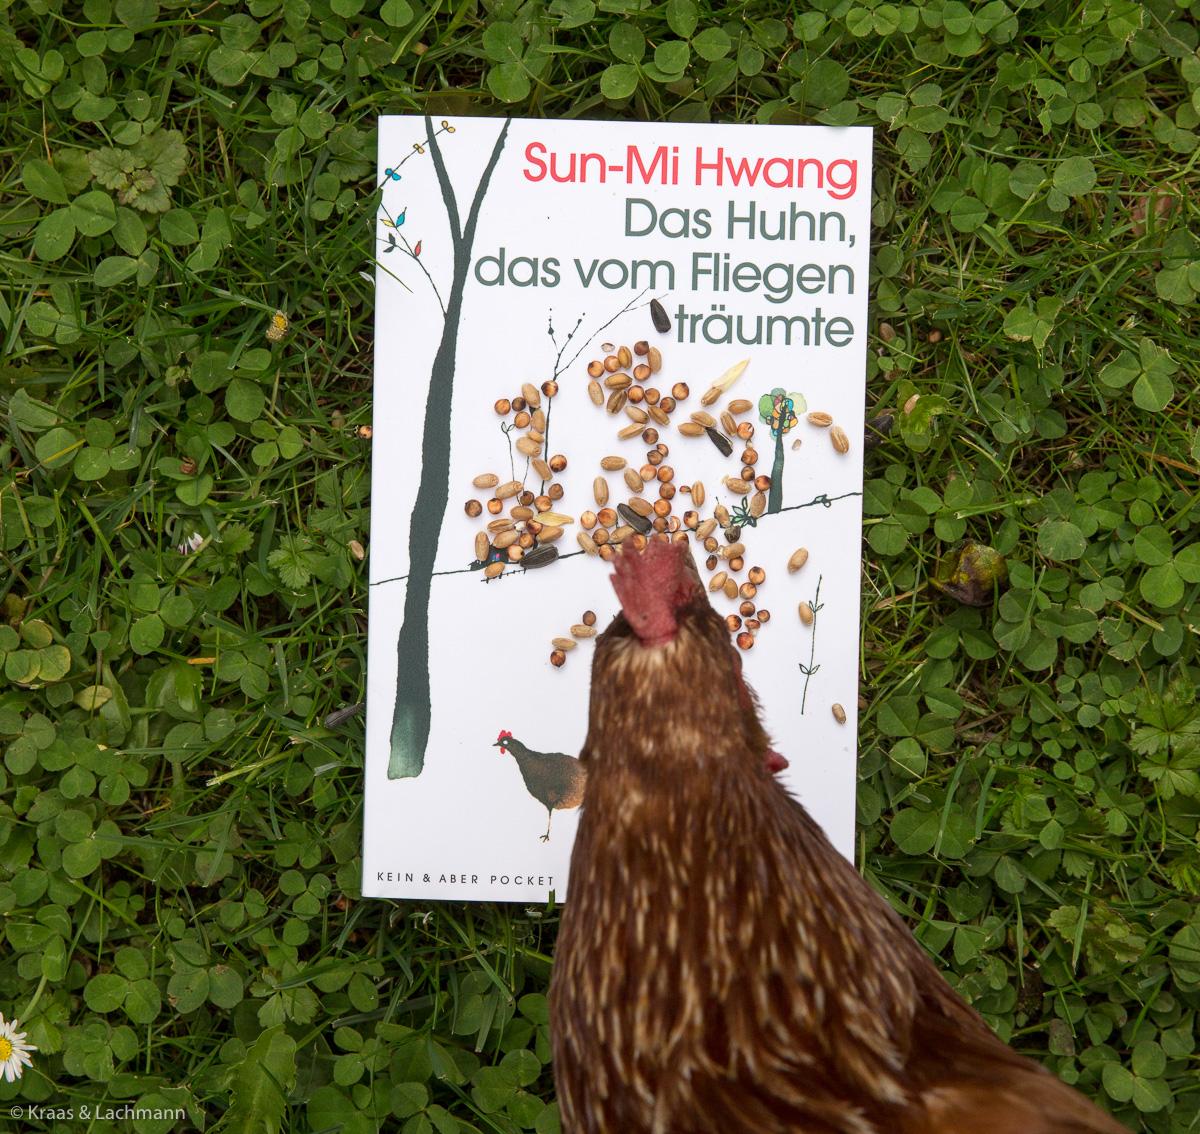 Manche Hühner träumen vom Fliegen, alle träumen vom Fressen